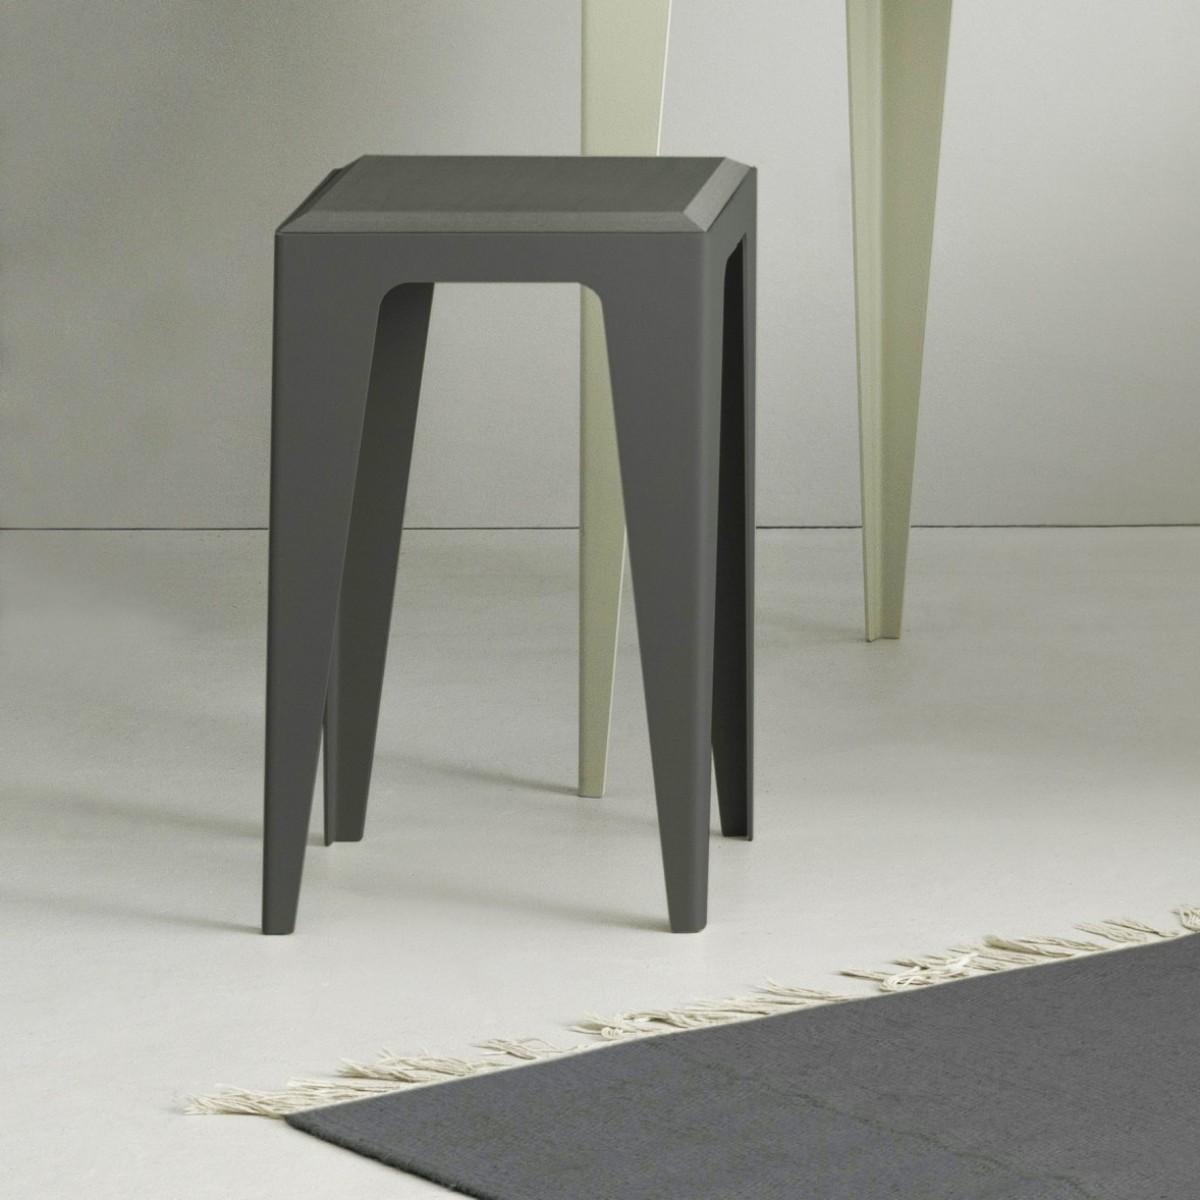 HOCKER |CHAMFER| nachhaltiges Möbeldesign | WYE